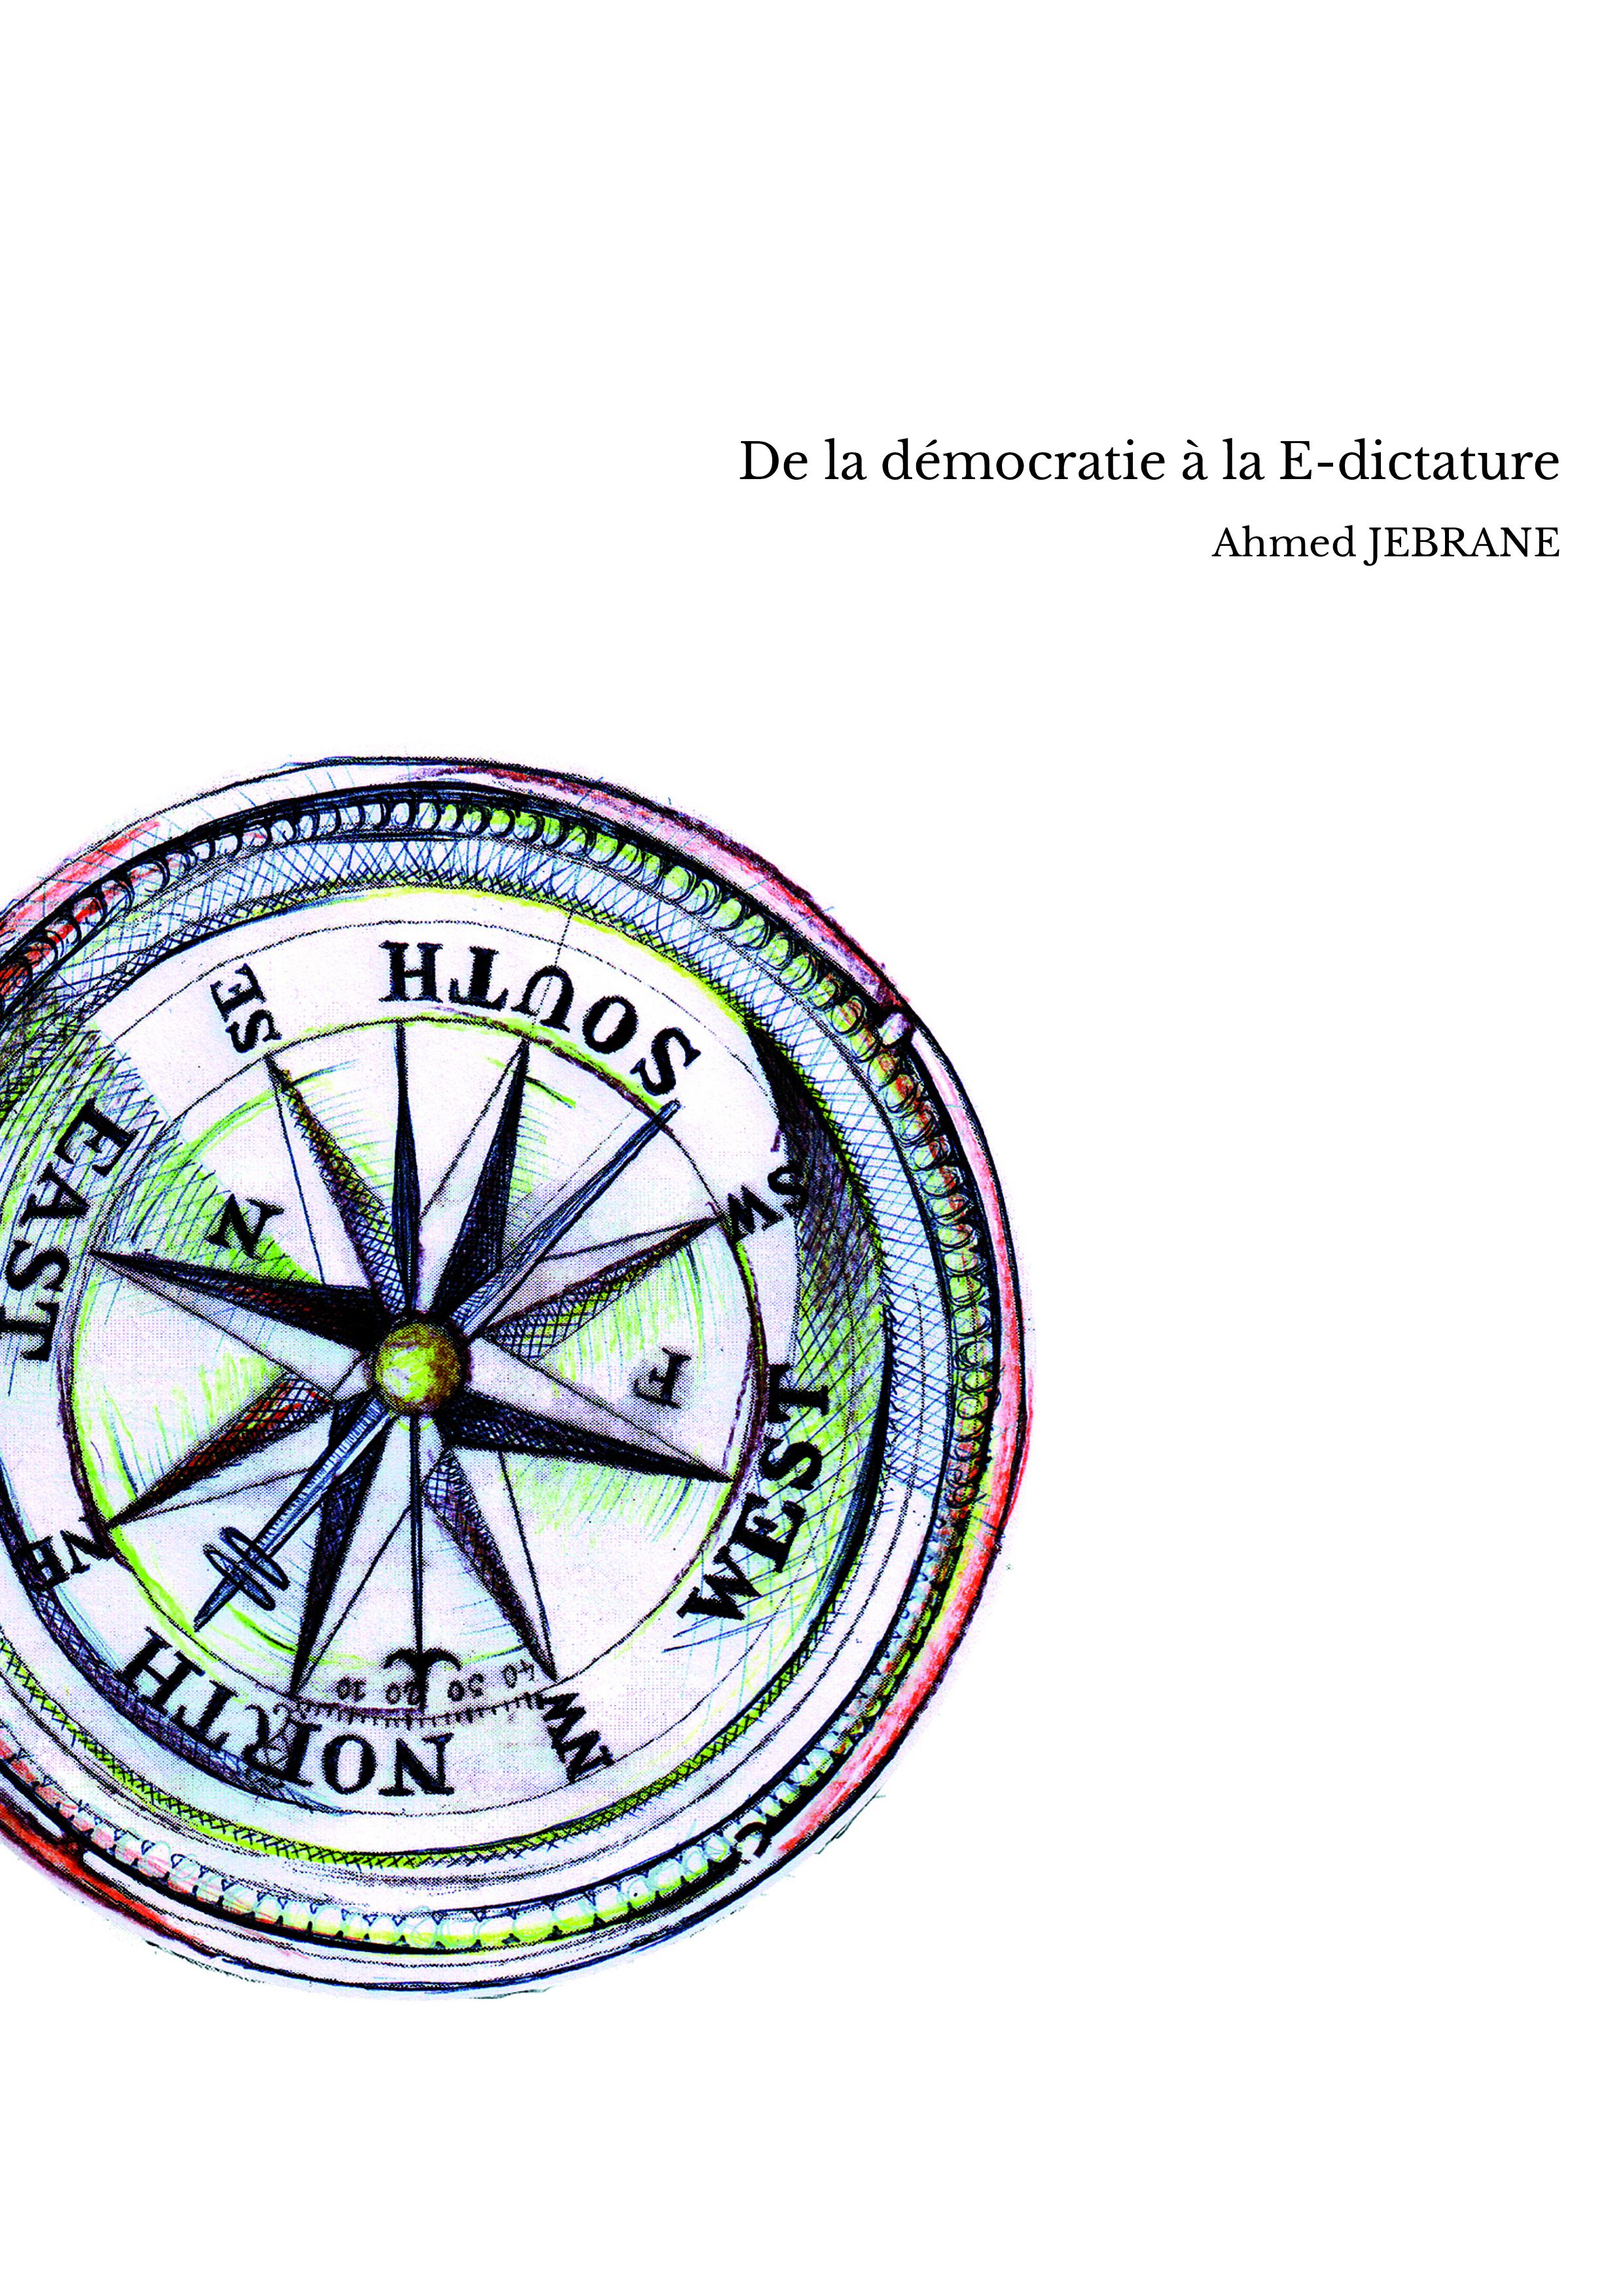 De la démocratie à la E-dictature